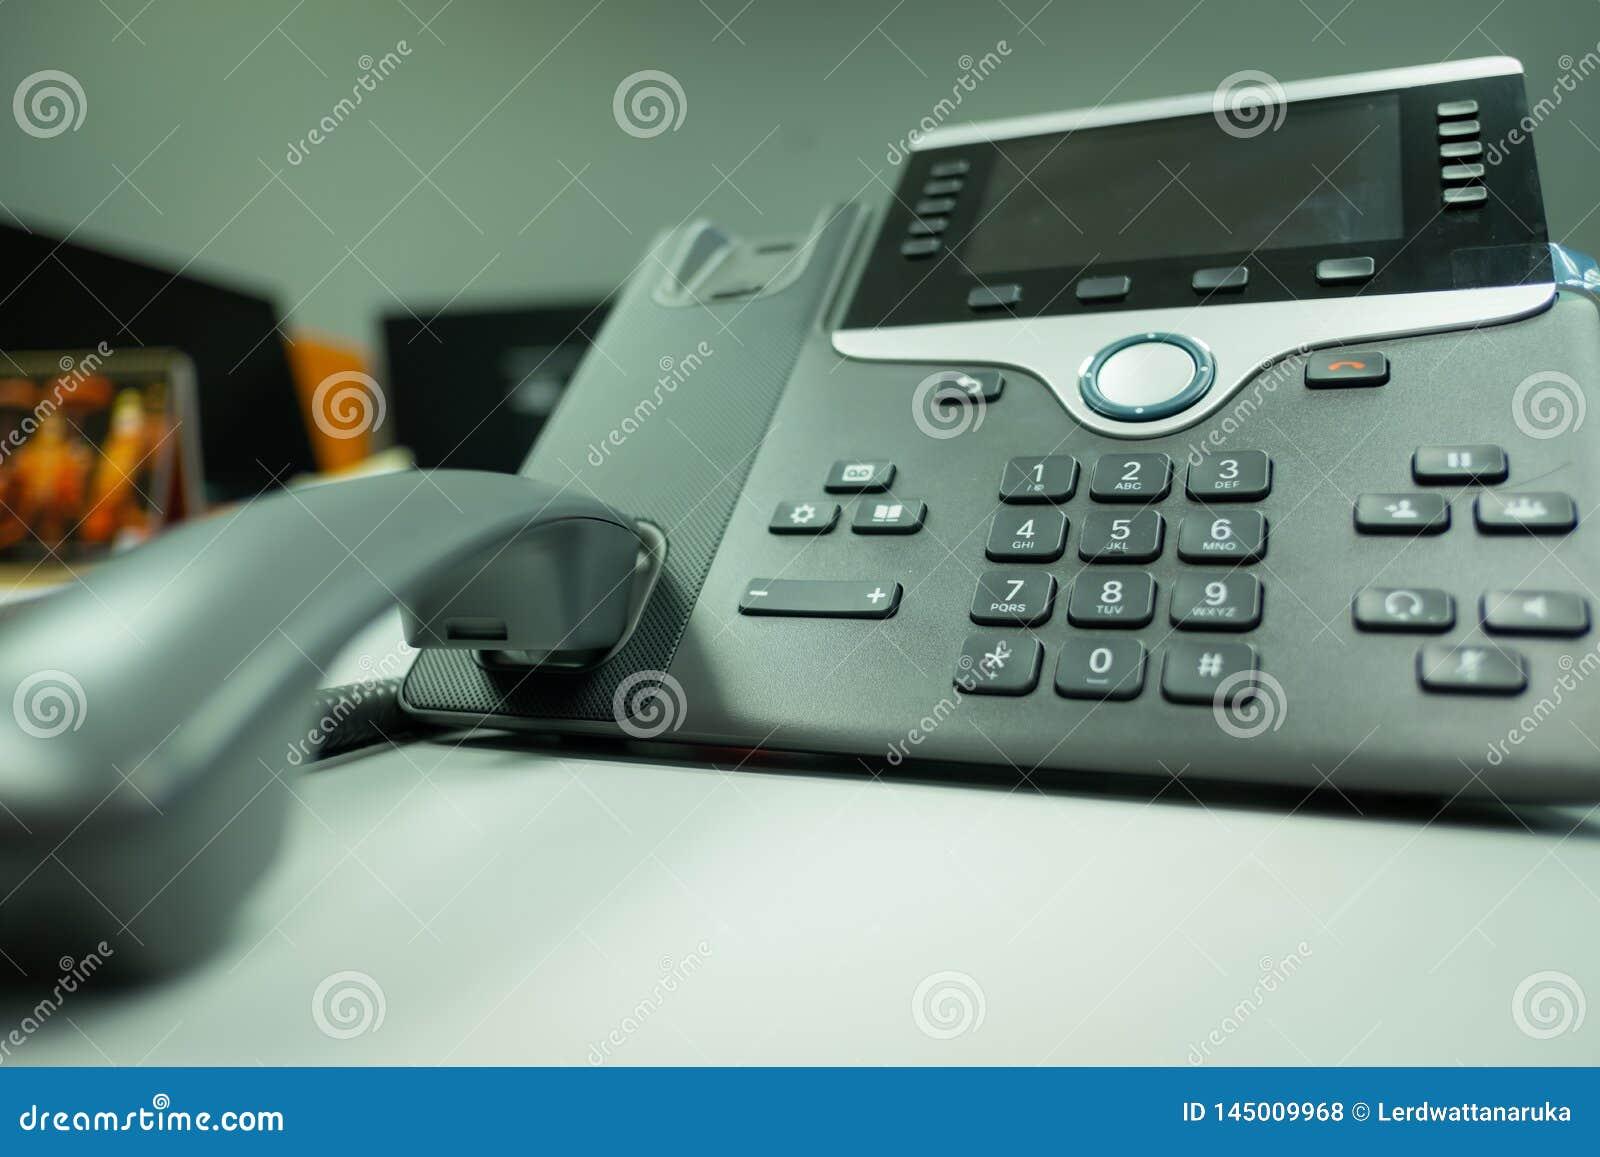 Deveice del teléfono del IP del telclado numérico del primer en el escritorio de oficina